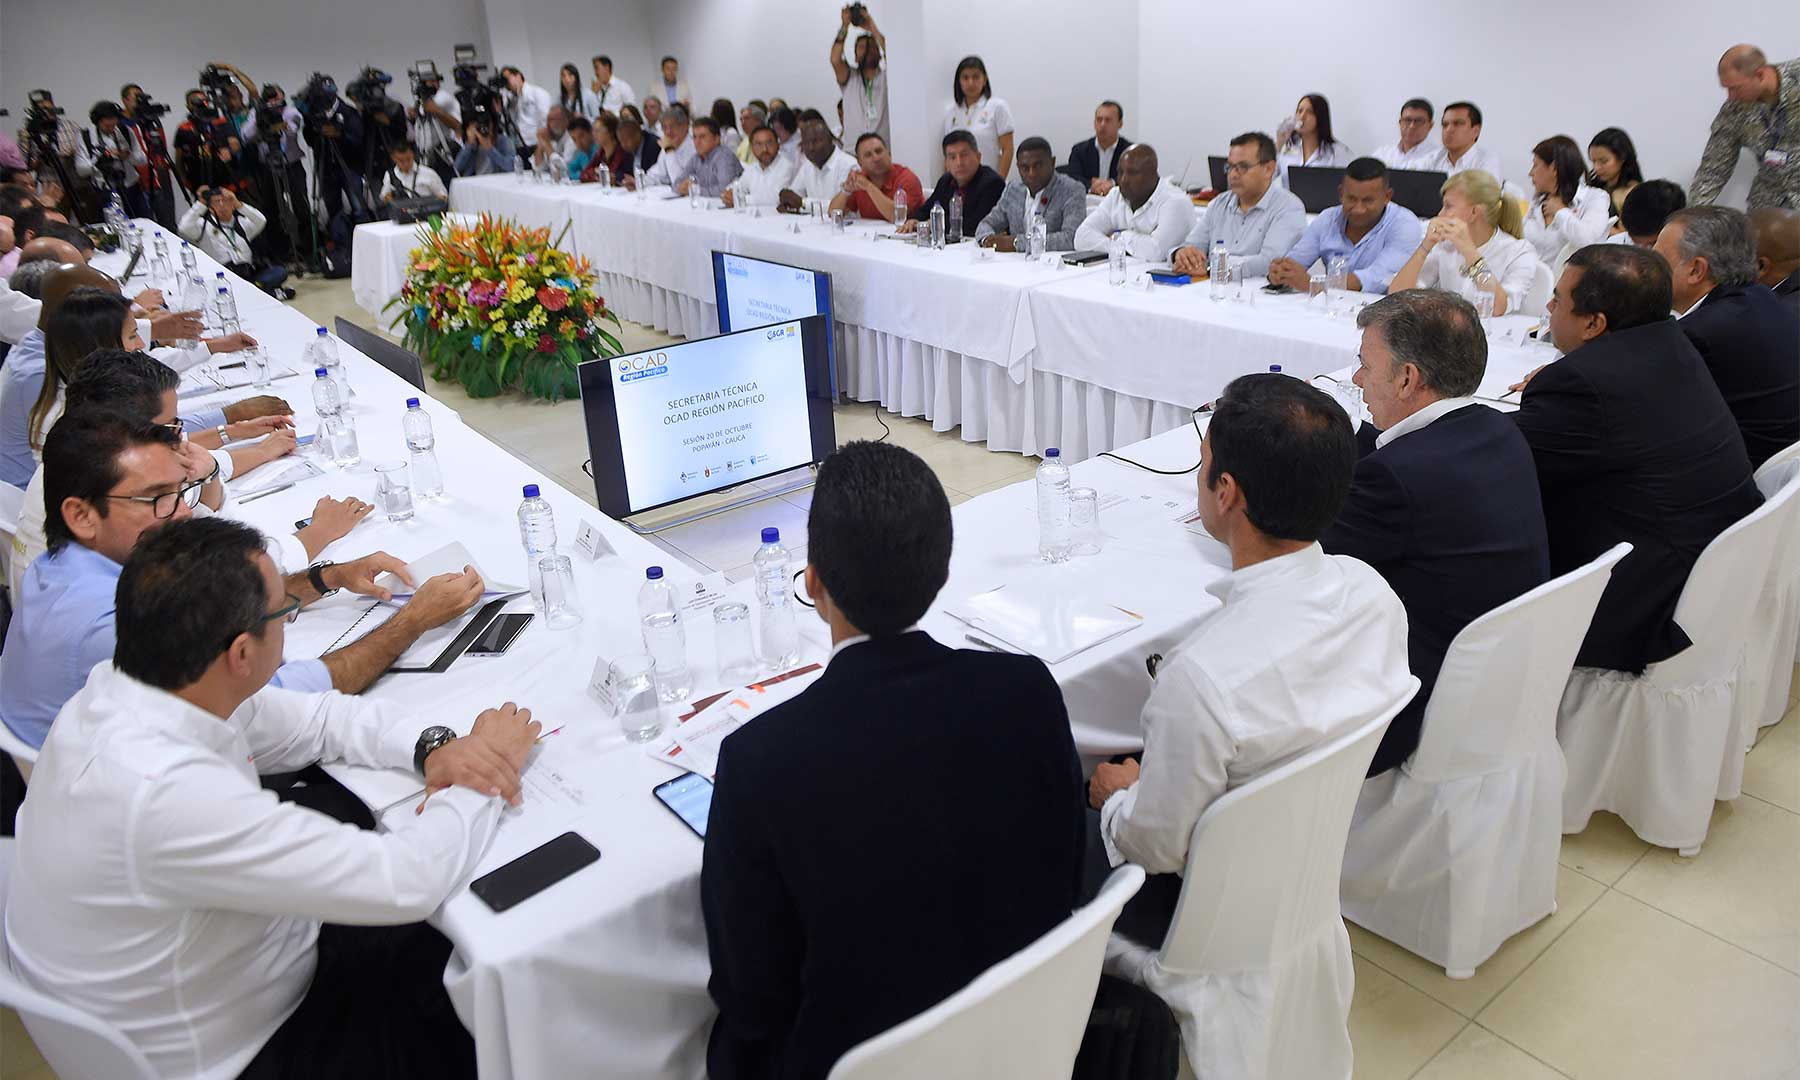 En la jornada del Ocad Regional, al Departamento de Cauca se le aprobó el mayor monto de recursos a través de ocho proyectos por $95.400 millones.